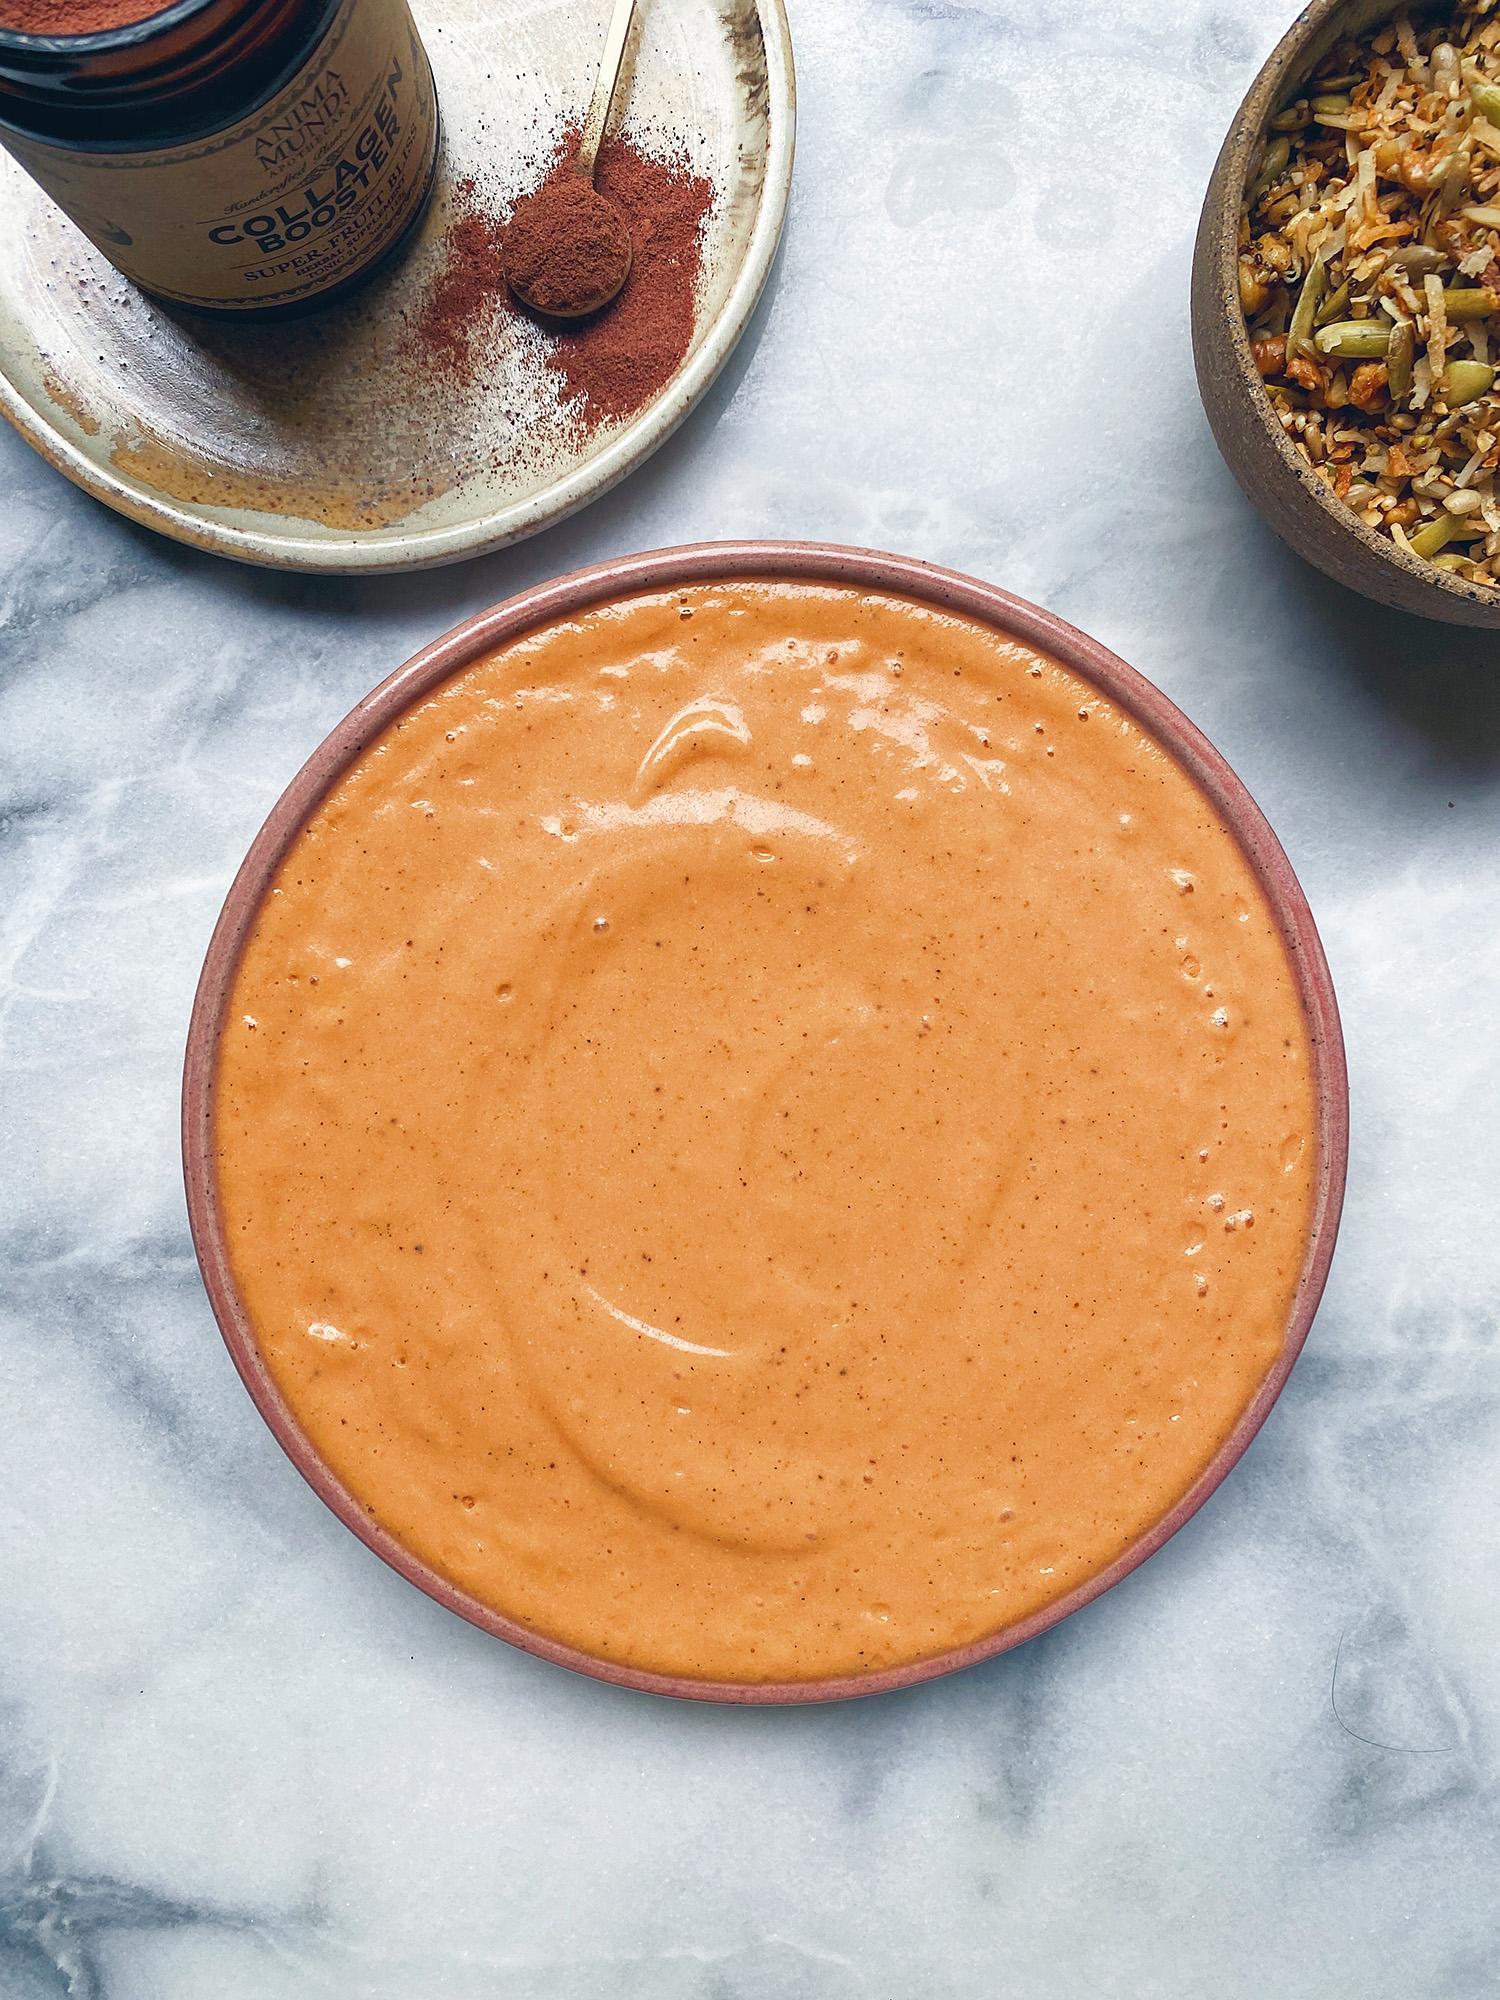 superfruit-smoothie-bowl-wu-haus